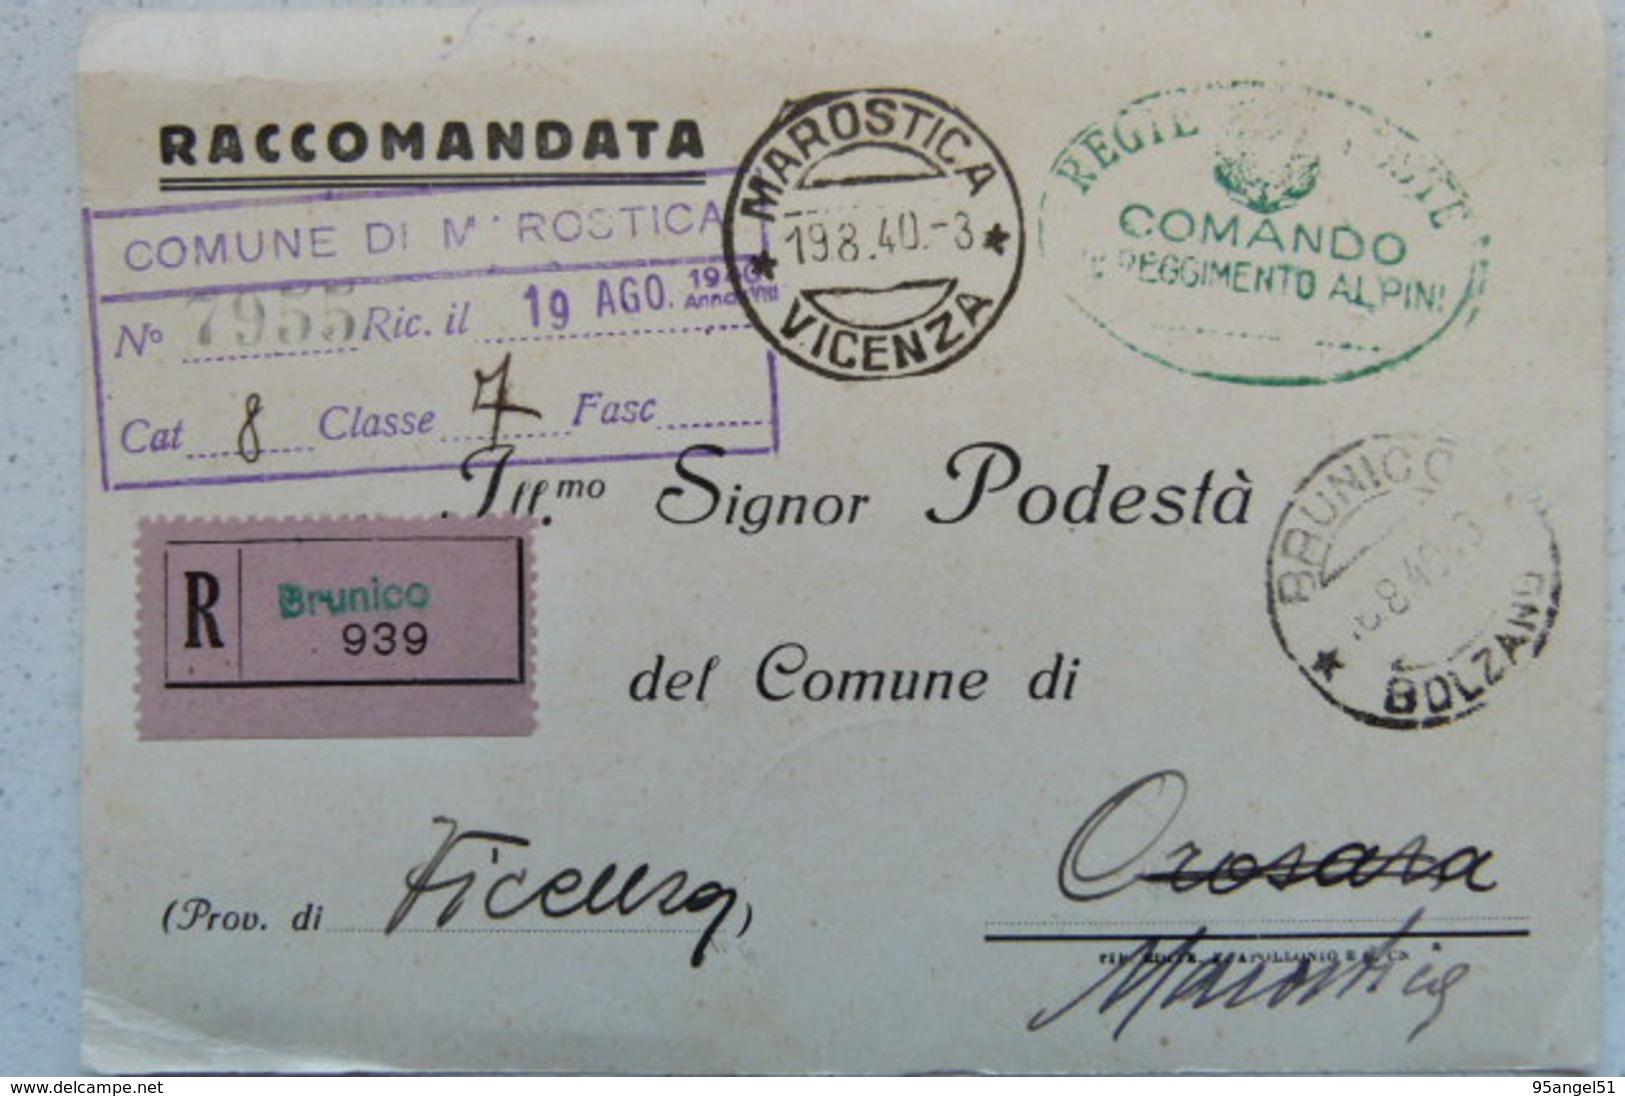 STORIA POSTALE - COMANDO 11° REGGIMENTO ALPINI RACCOMANDATA DA BRUNICO AL COMUNE DI MAROSTICA (TIMBRO) 1940 - Vicenza